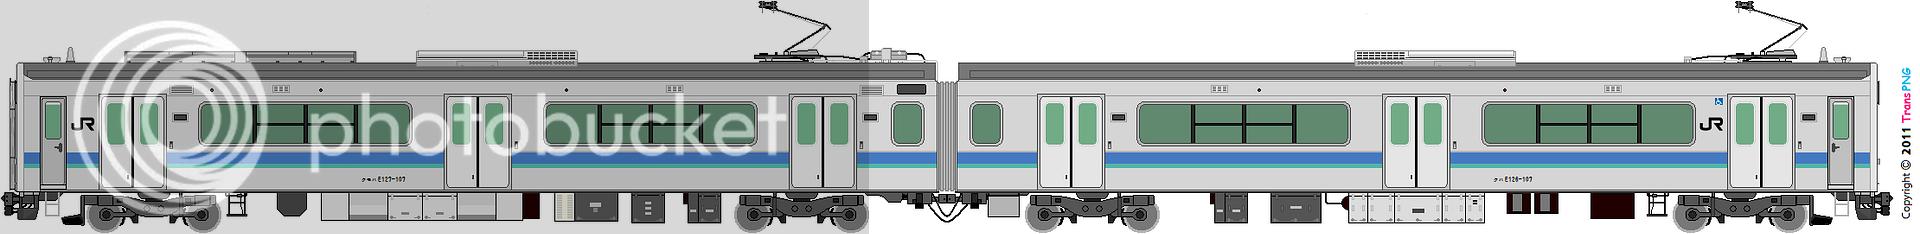 鐵路列車 2271